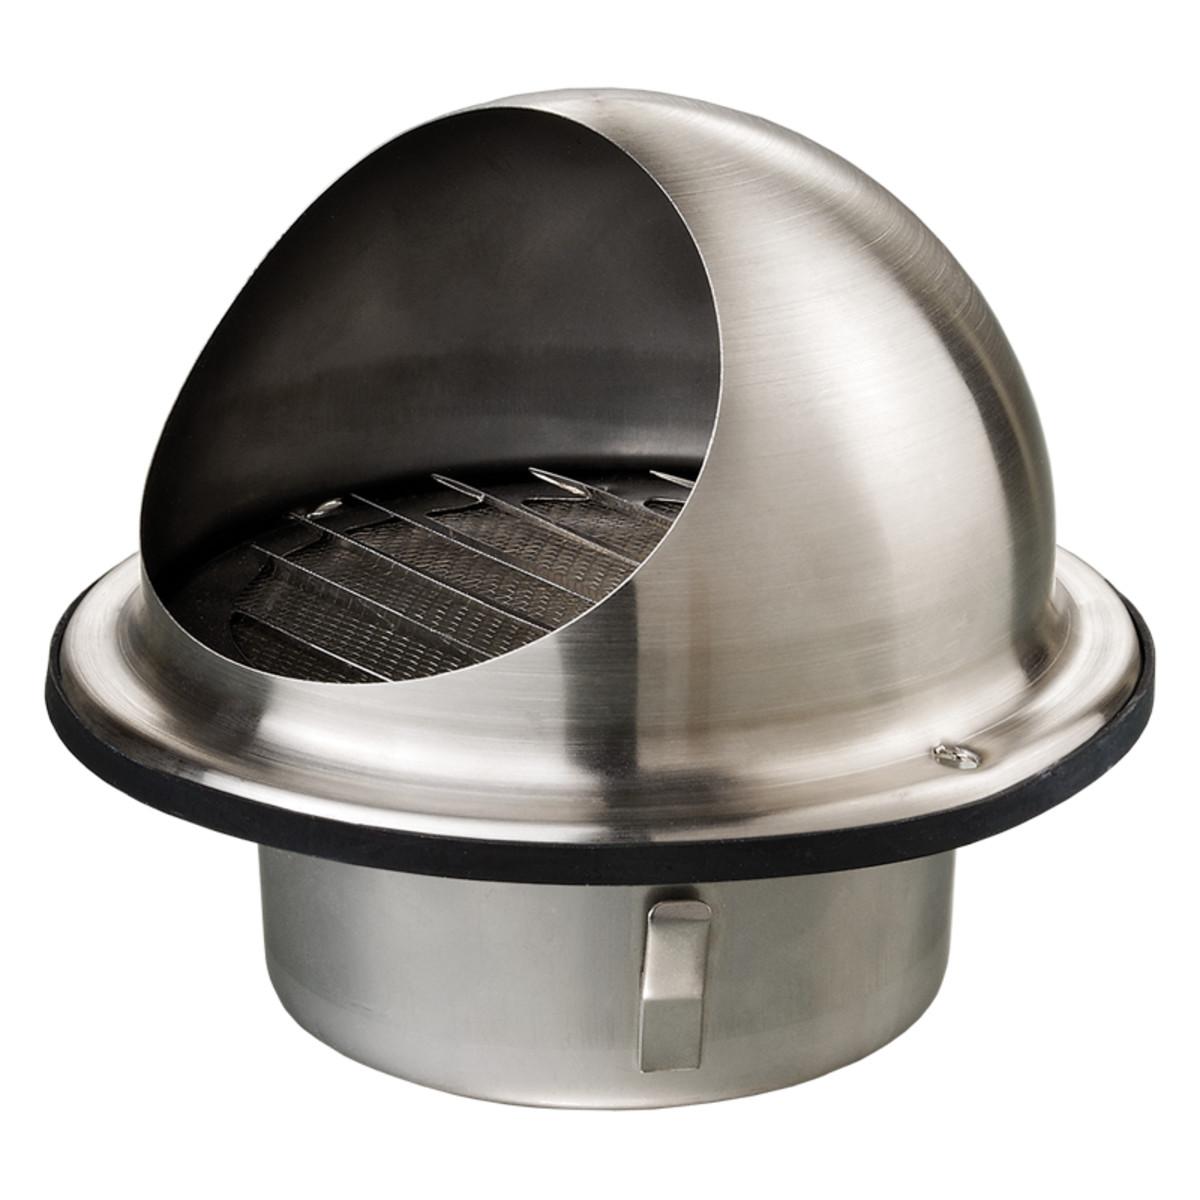 Решетка вентиляционная приточно-вытяжная Вентс МВМ 152 БВ Н нержавеющая сталь